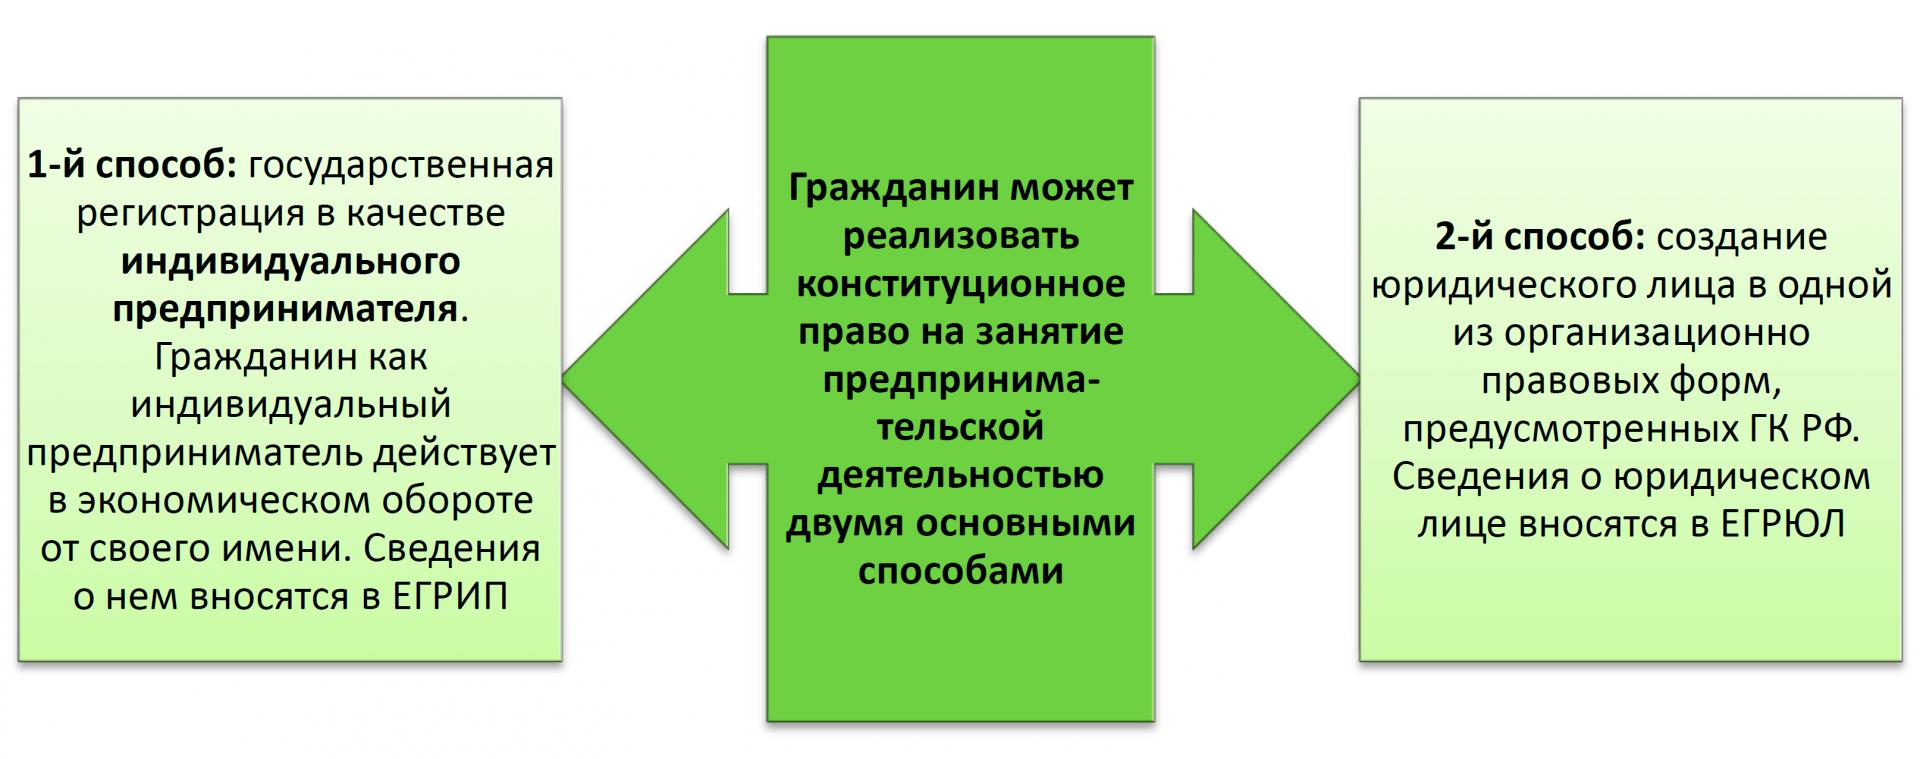 Предпринимательское право регистрация ип декларация ндфл 2019 сроки